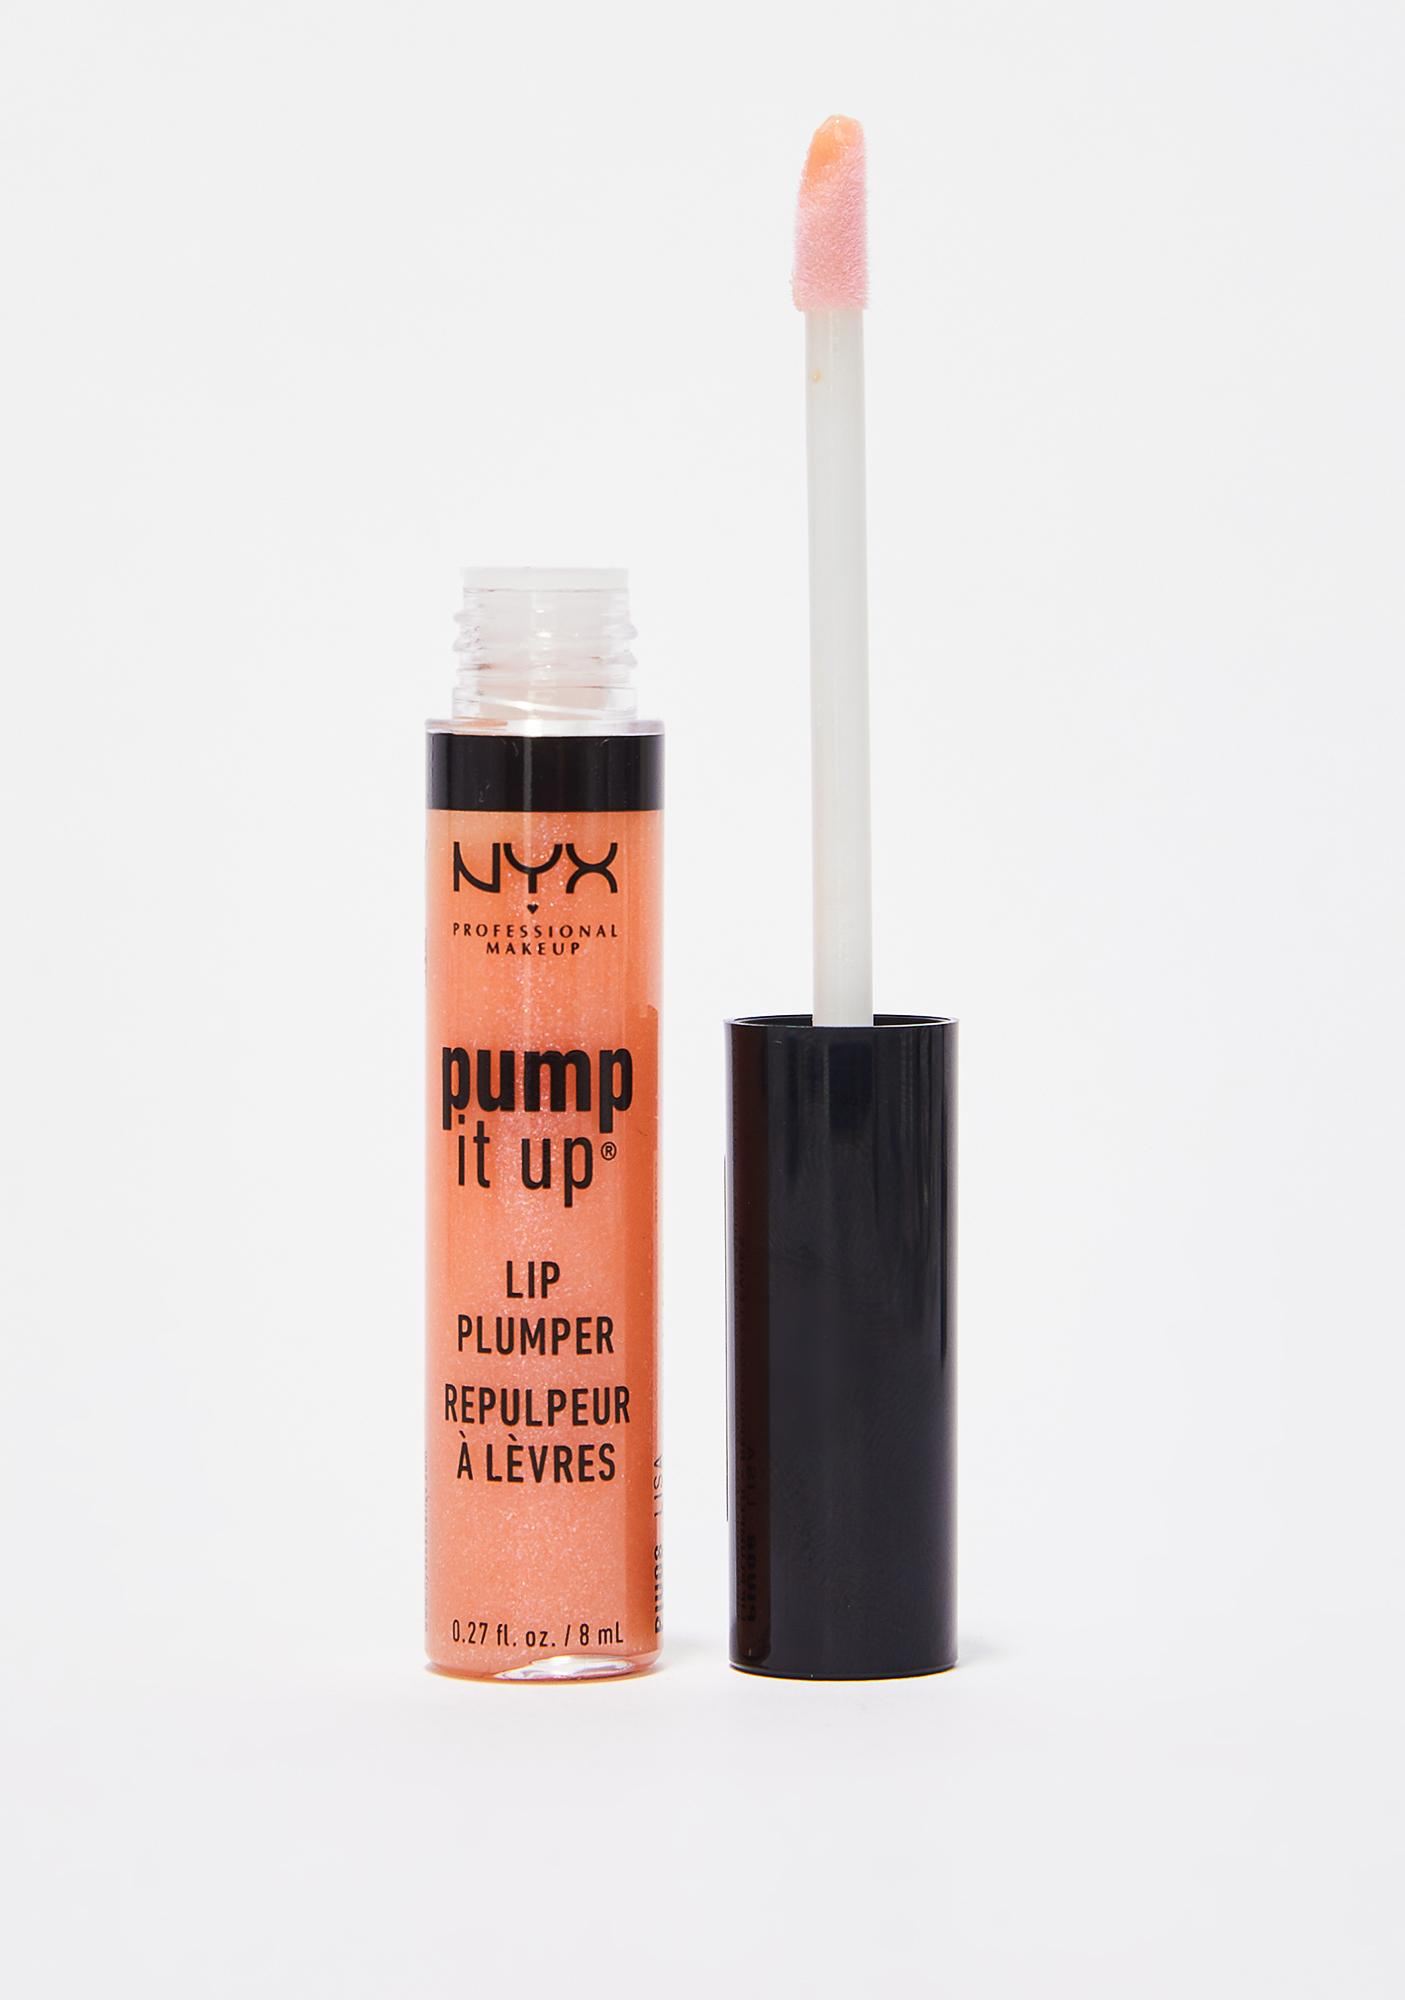 NYX Jessica Pump It Up Lip Plumper